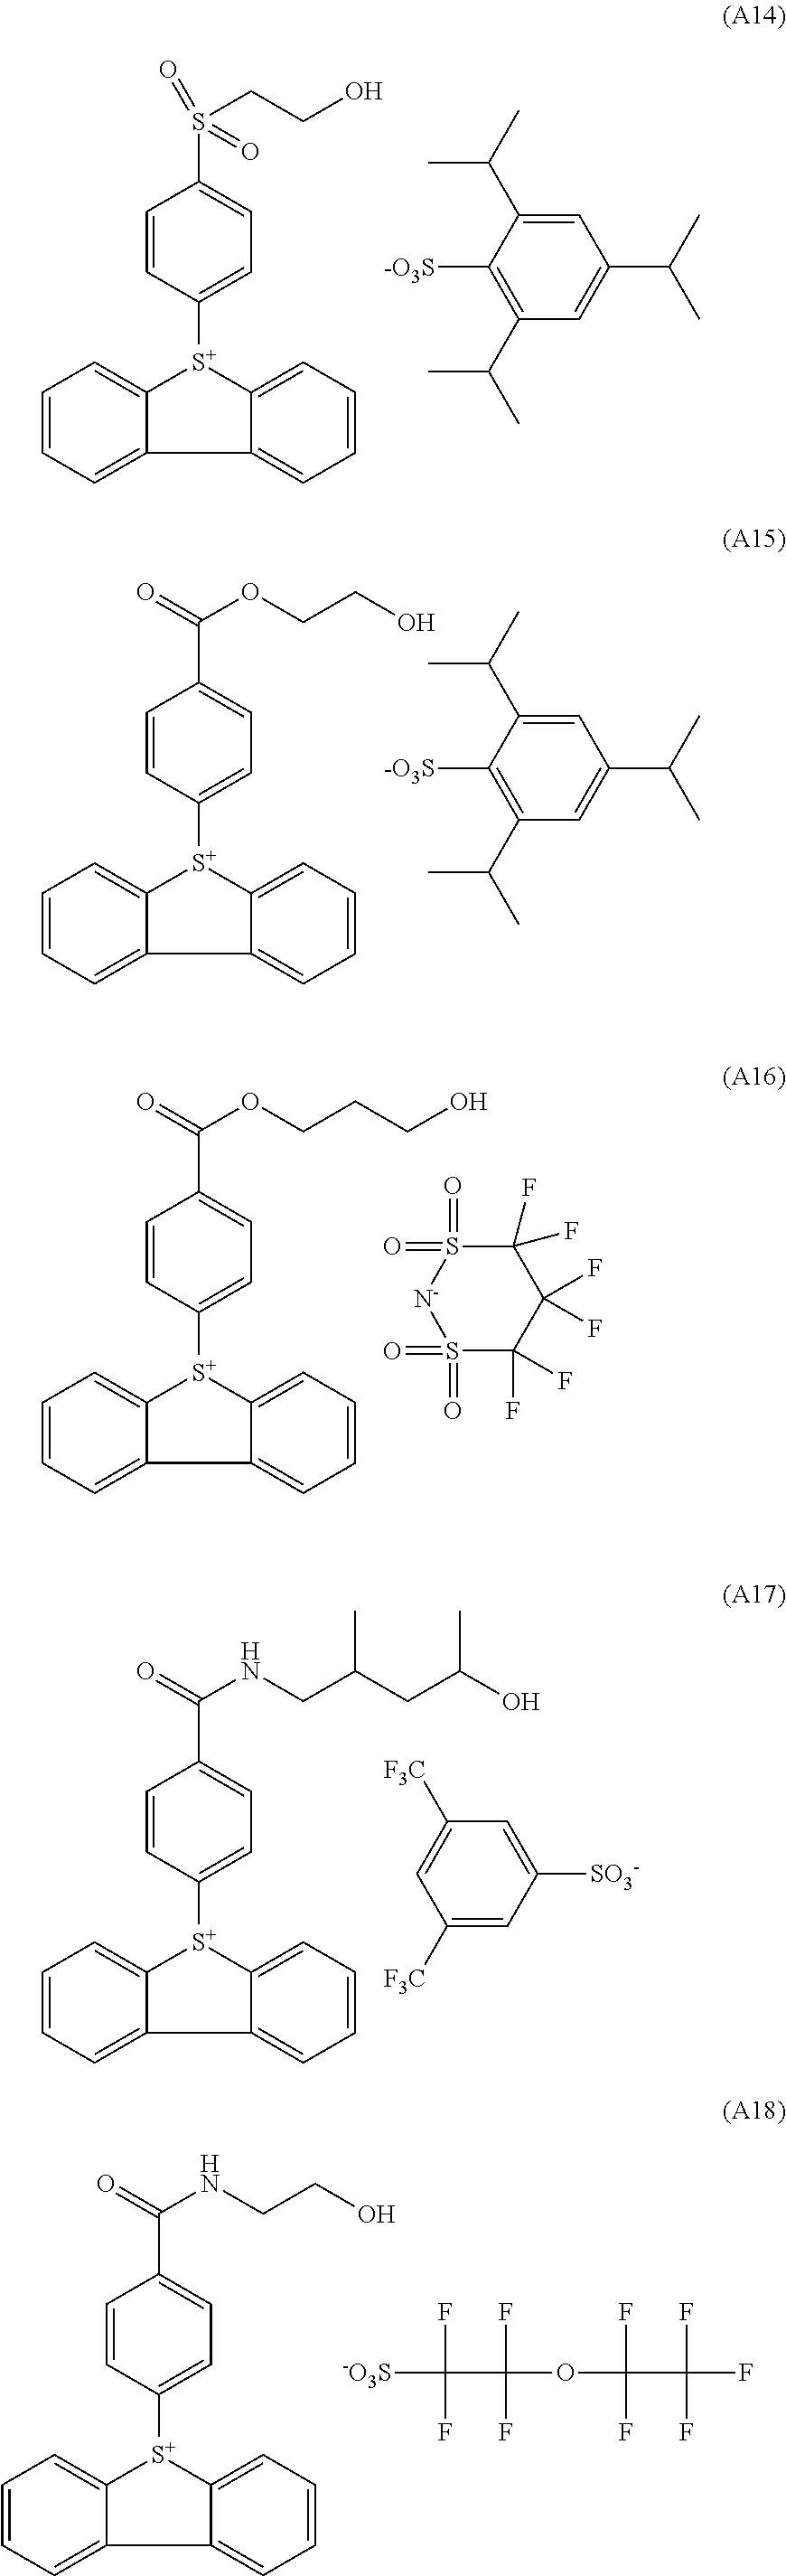 Figure US20110183258A1-20110728-C00024